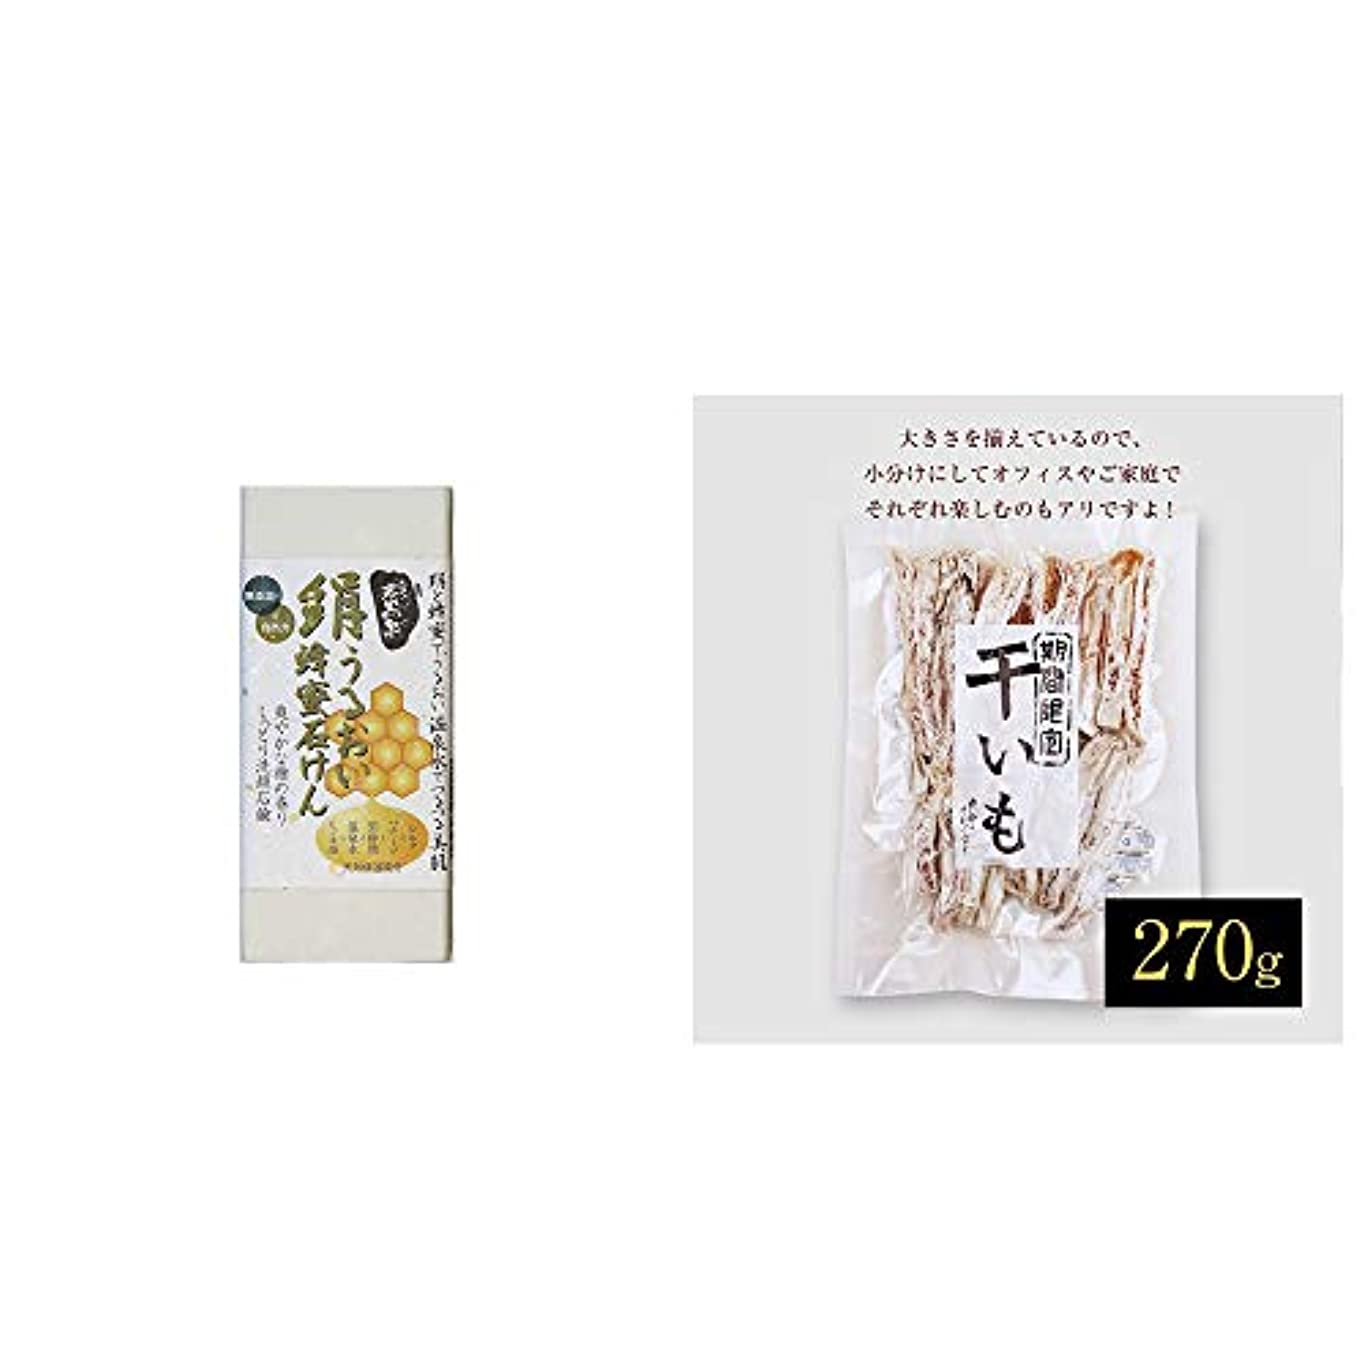 動脈広く薄汚い[2点セット] ひのき炭黒泉 絹うるおい蜂蜜石けん(75g×2)?干いも(270g)